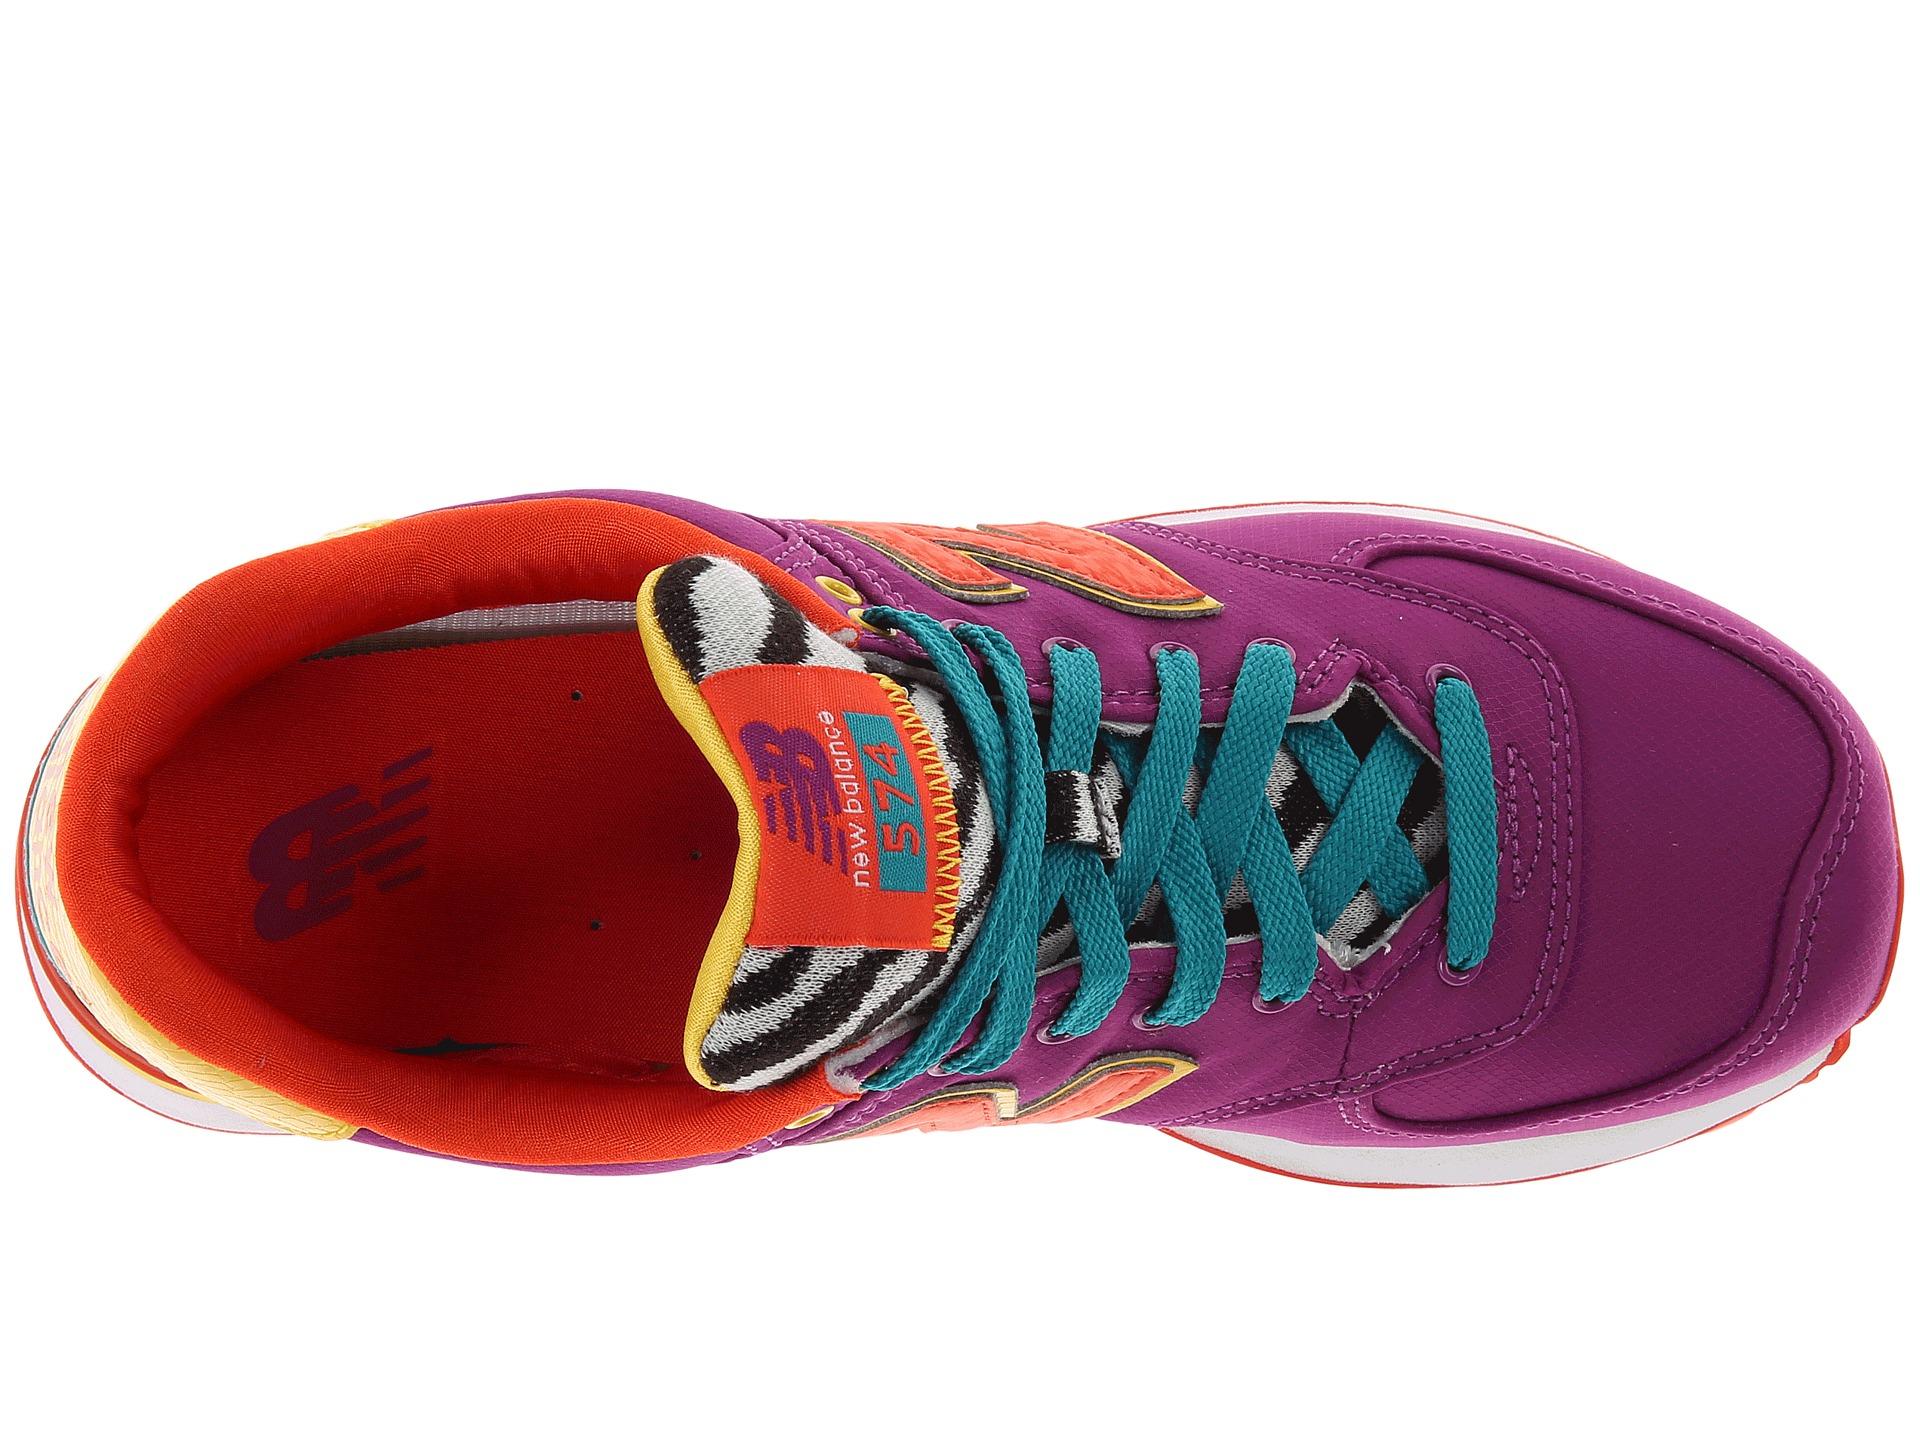 Lyst - New Balance Wl574 Pop Safari in Purple